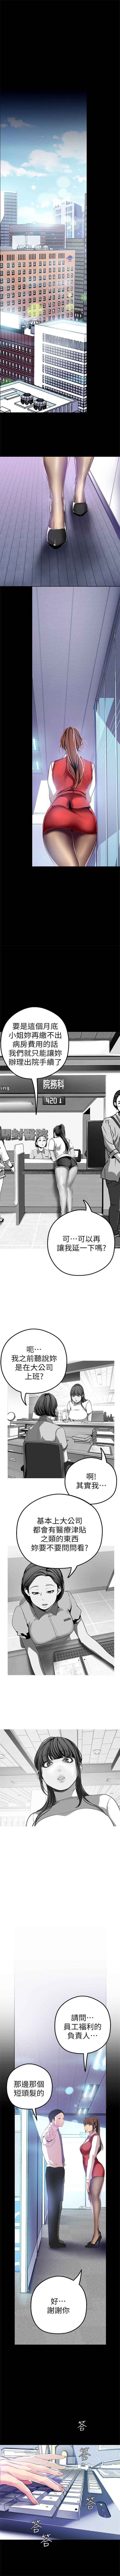 (週1)美麗新世界 1-70 中文翻譯 (更新中) 213